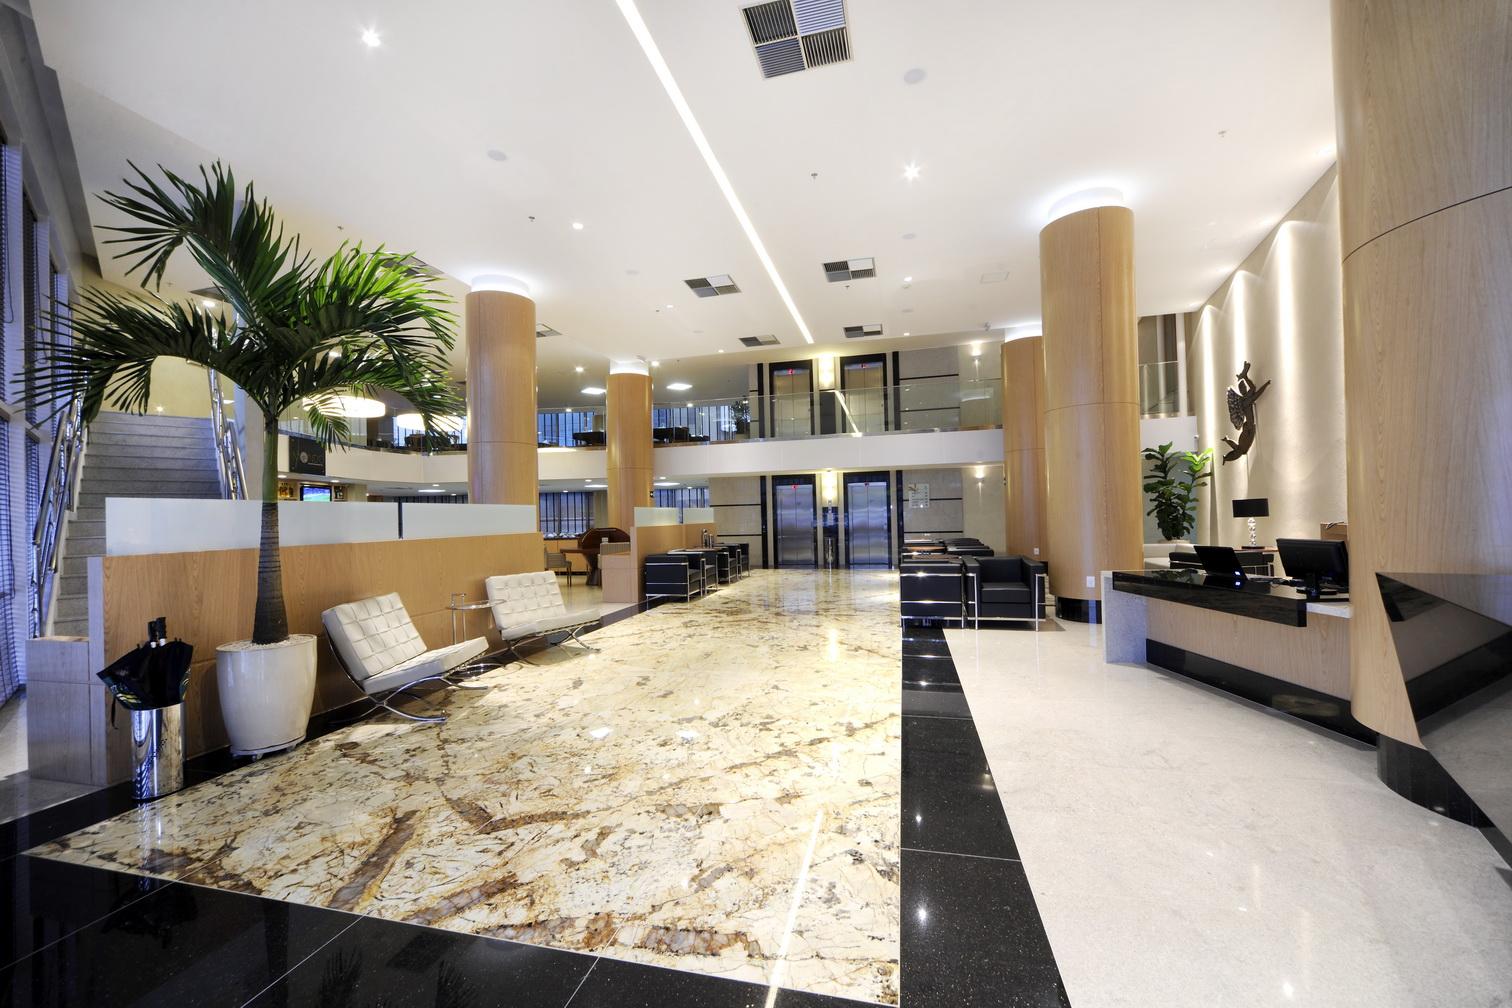 Hotel investe em itens de acessibilidade para se destacar no mercado  #8A6D41 1512x1008 Acessibilidade Idosos Banheiro